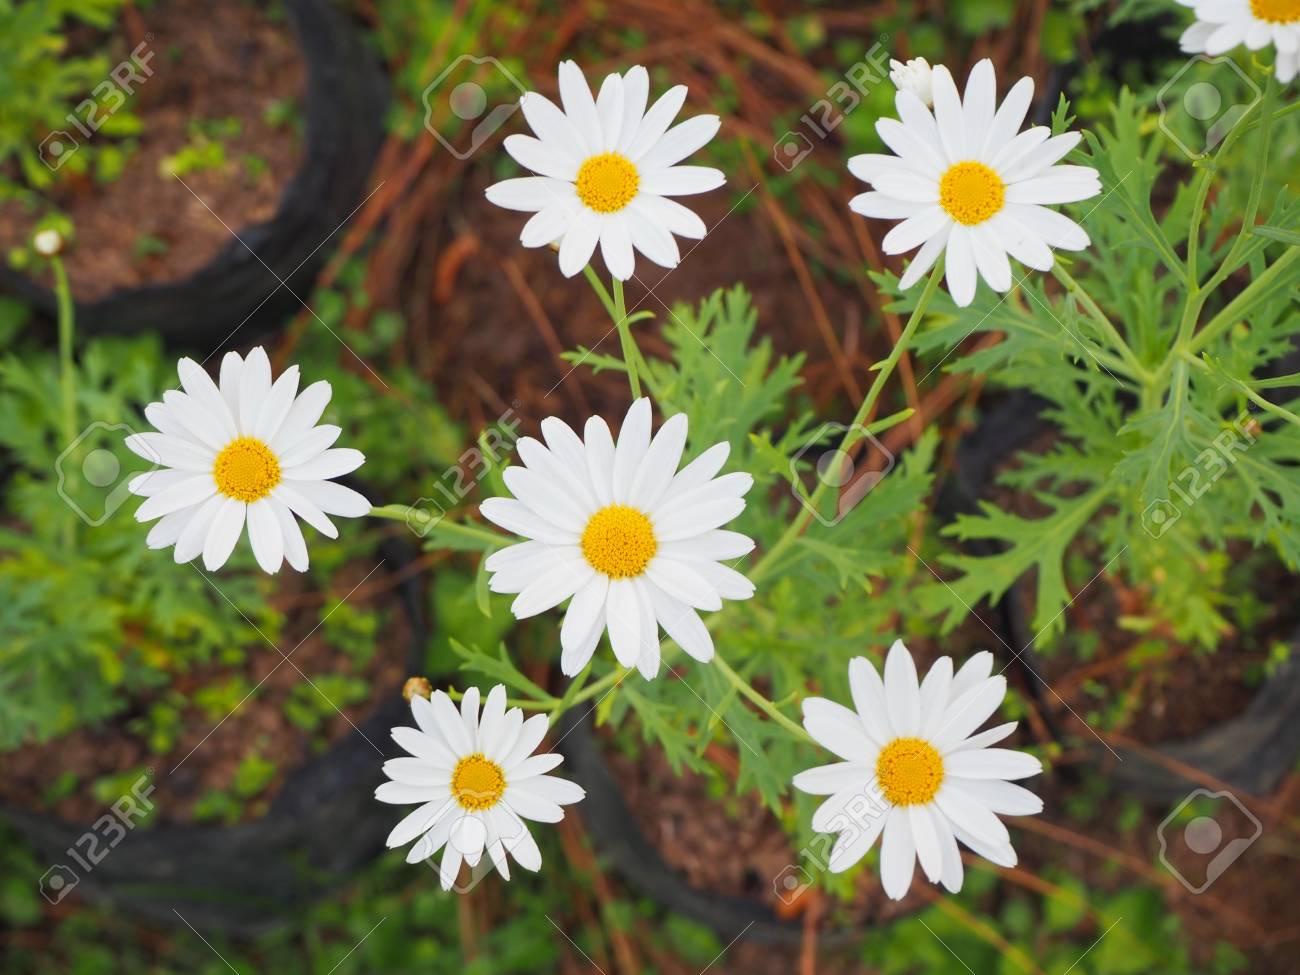 White flowers have yellow stamens stock photo picture and royalty stock photo white flowers have yellow stamens mightylinksfo